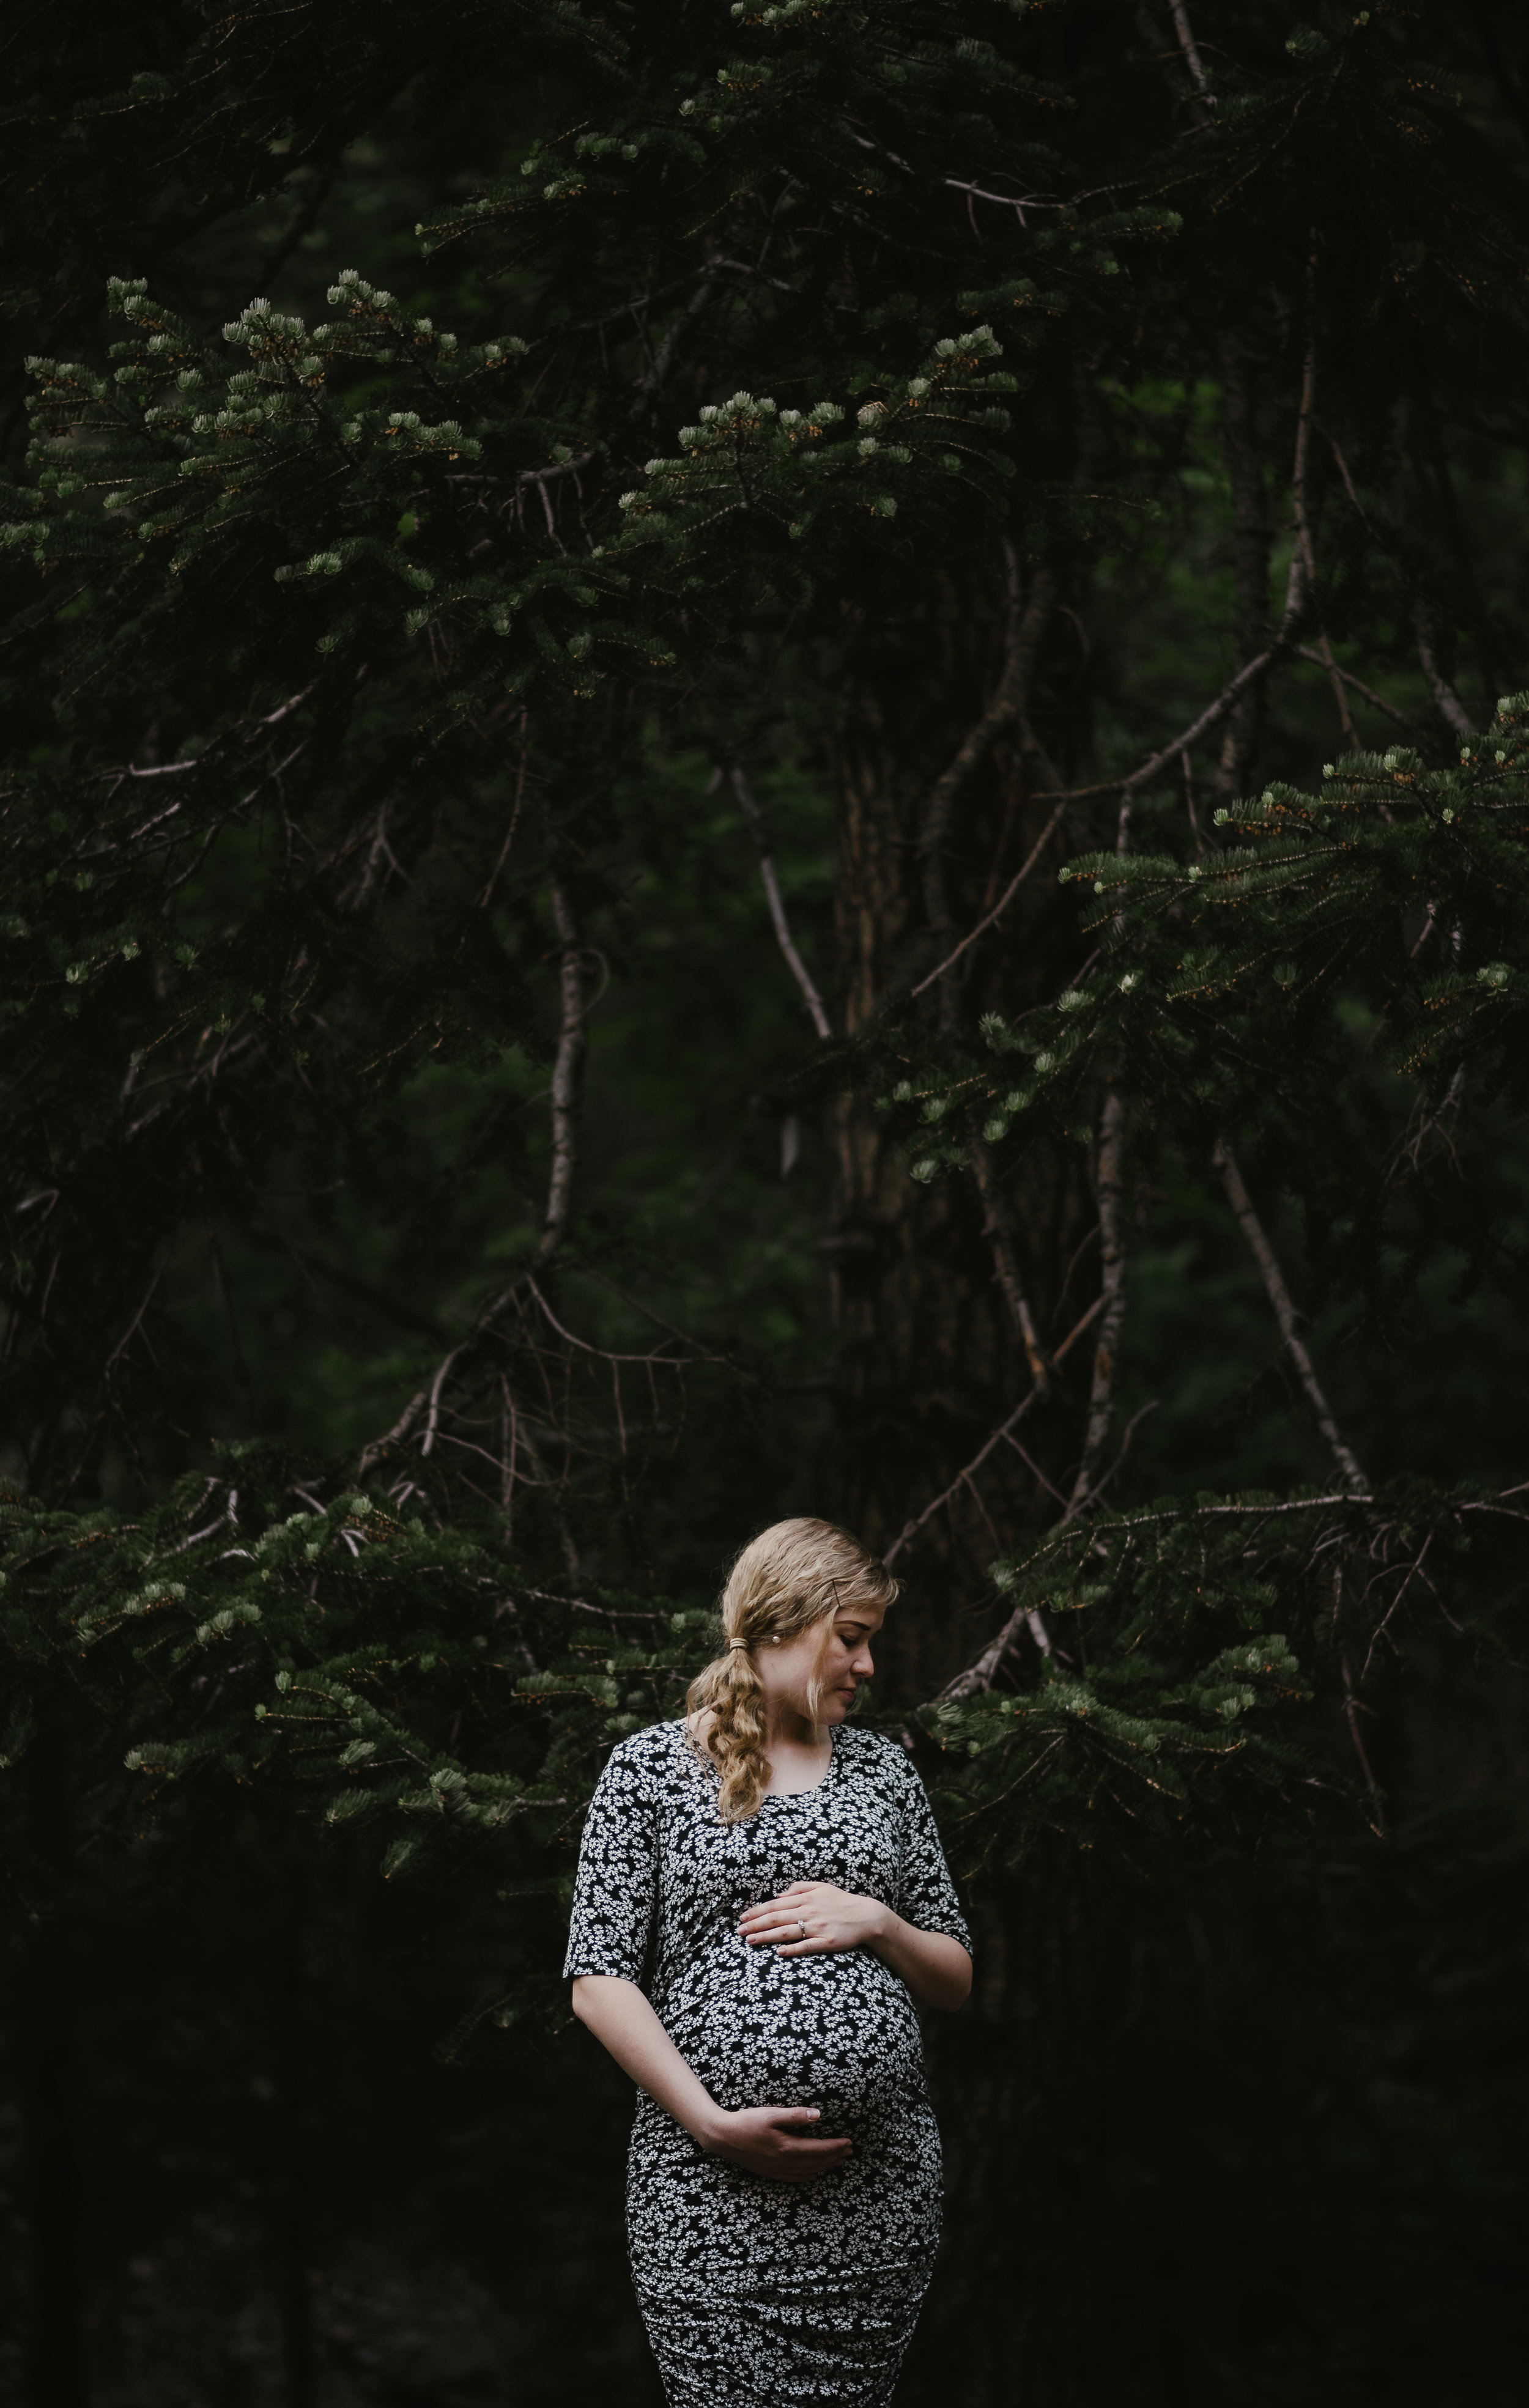 Kambrie_Landon_Maternity138.JPG